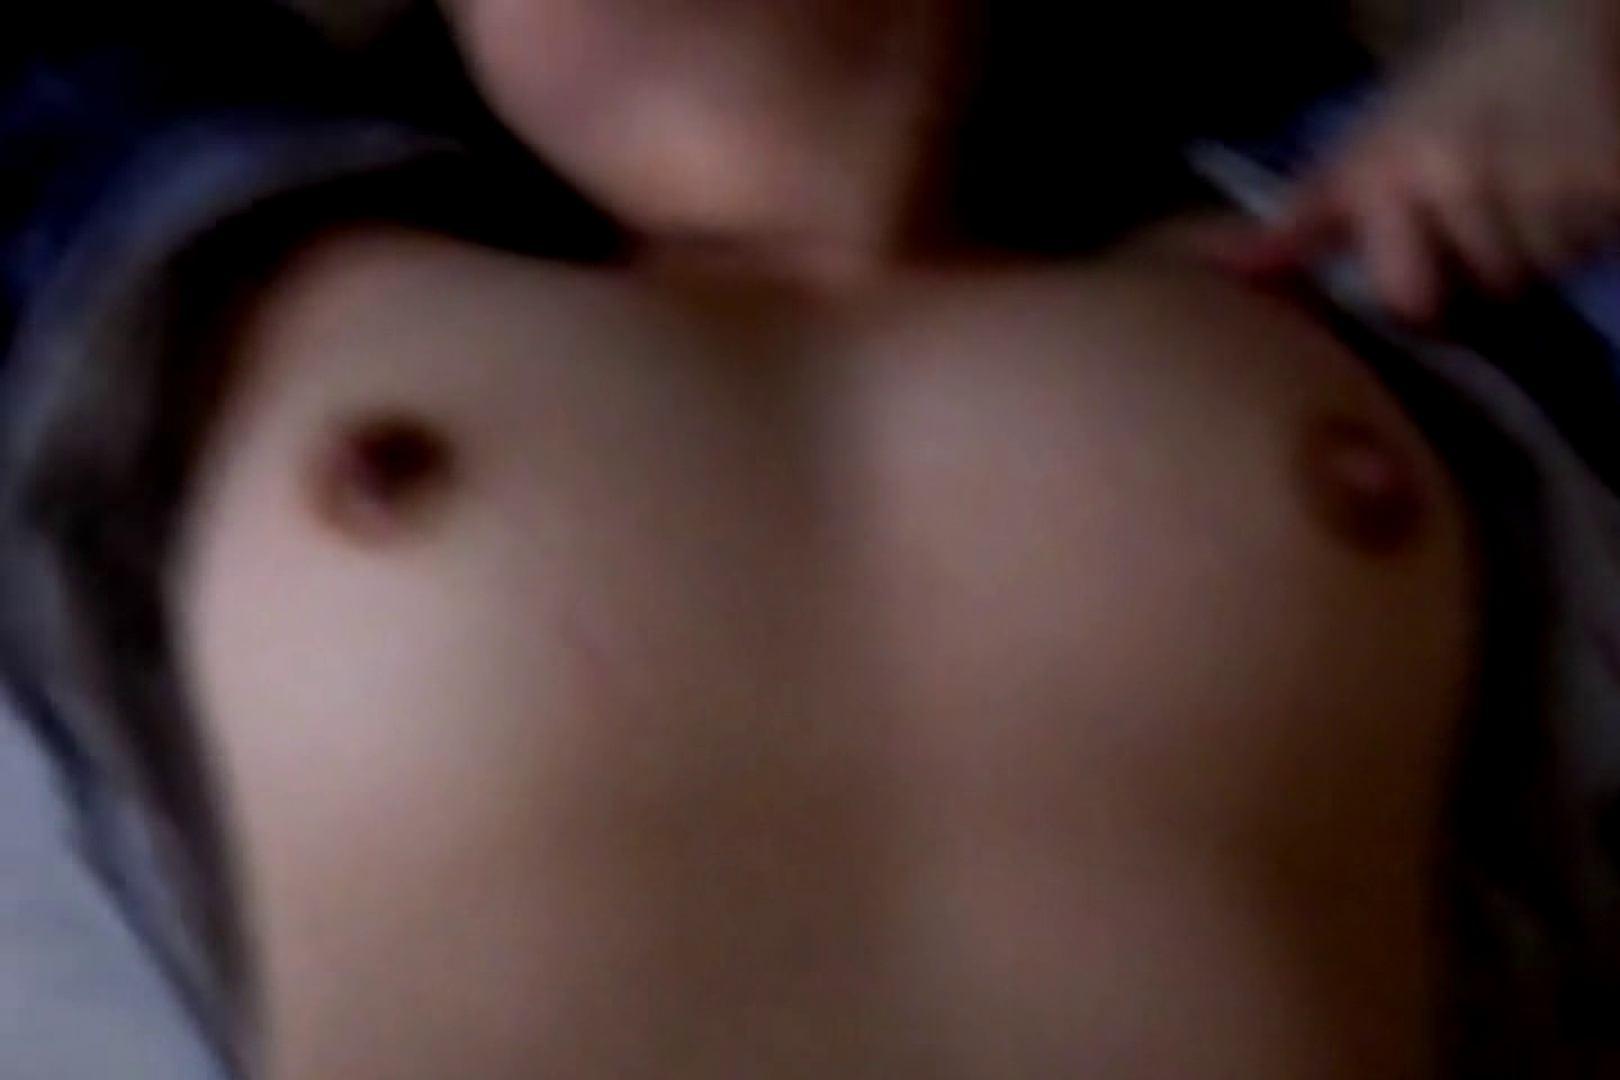 ウイルス流出 レオ&マンコのアルバム プライベート  85PIX 70